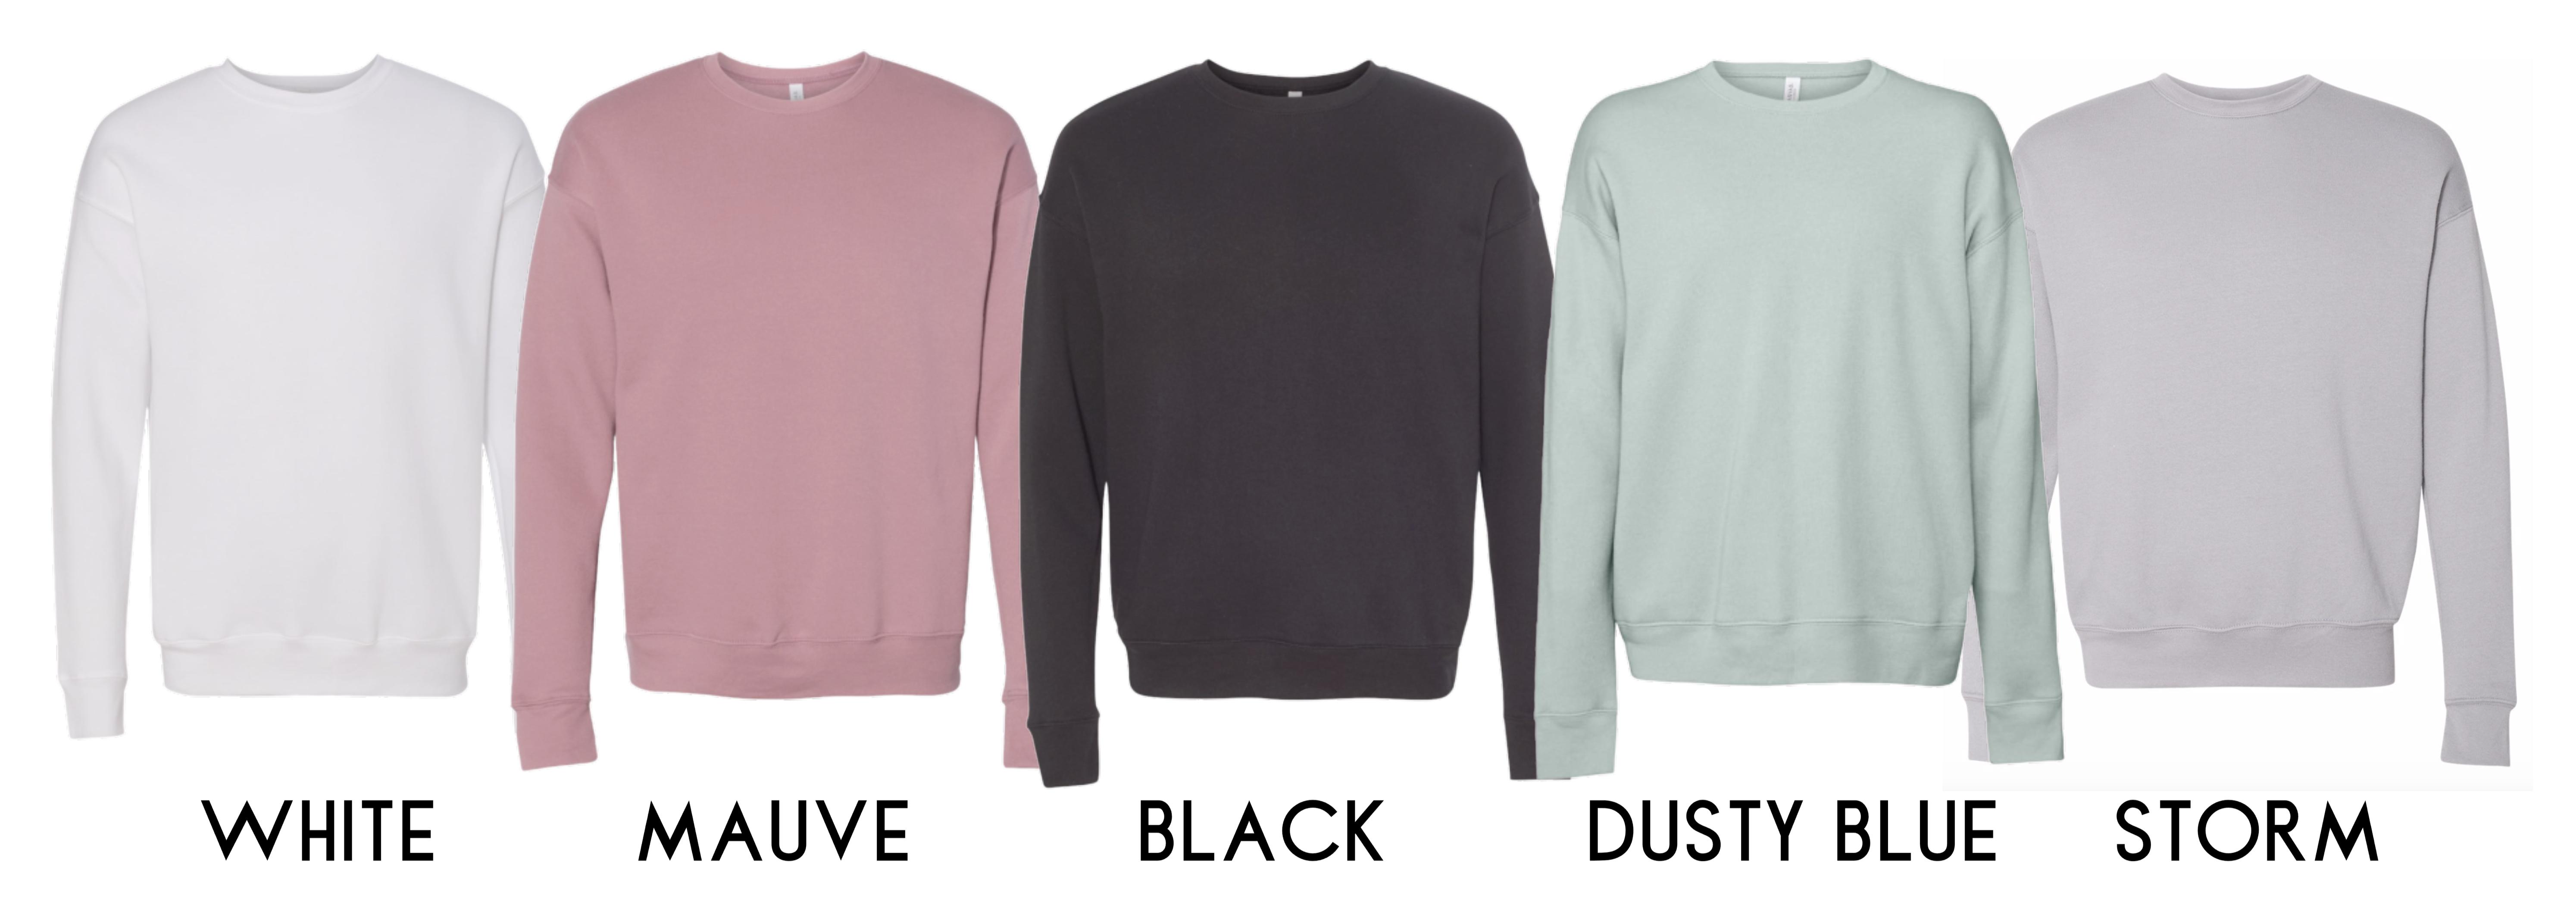 bella-fleece-colors.jpg